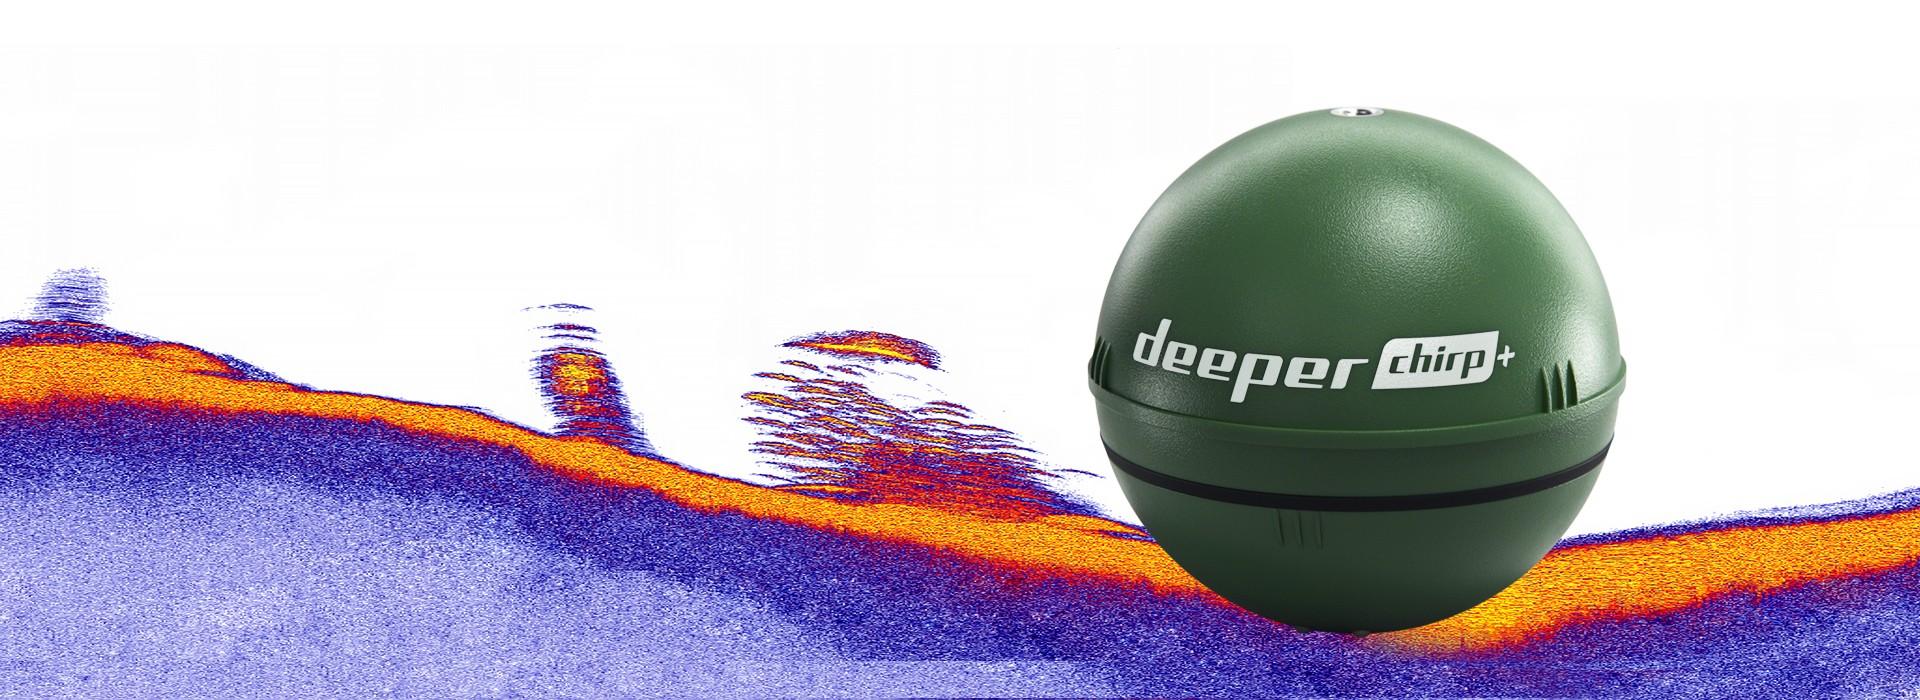 Pesca all'avanguardiaL'unico sonar CHIRP da lancio al mondo con GPS integrato